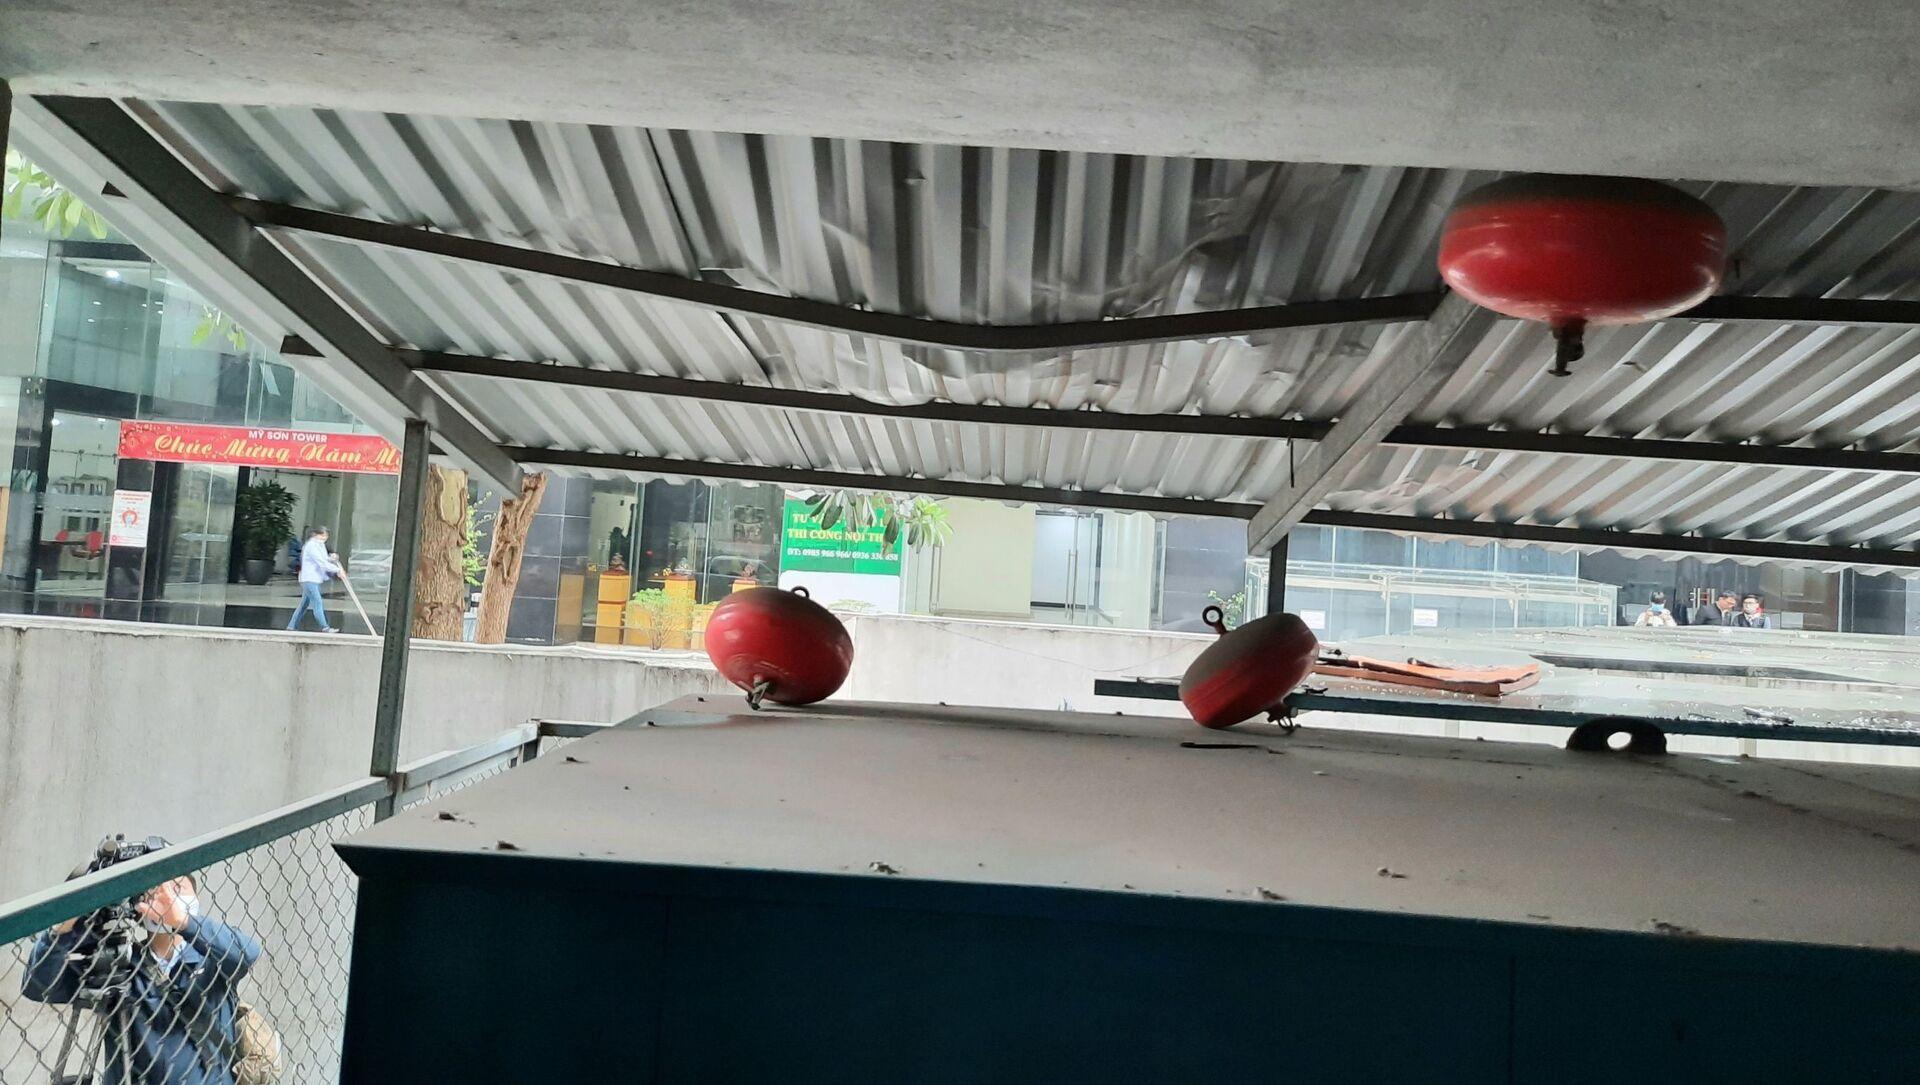 Hiện trường nơi xảy ra vụ bé gái 3 tuổi rơi từ tầng 12A tòa nhà 60B Nguyễn Huy Tưởng. - Sputnik Việt Nam, 1920, 02.03.2021